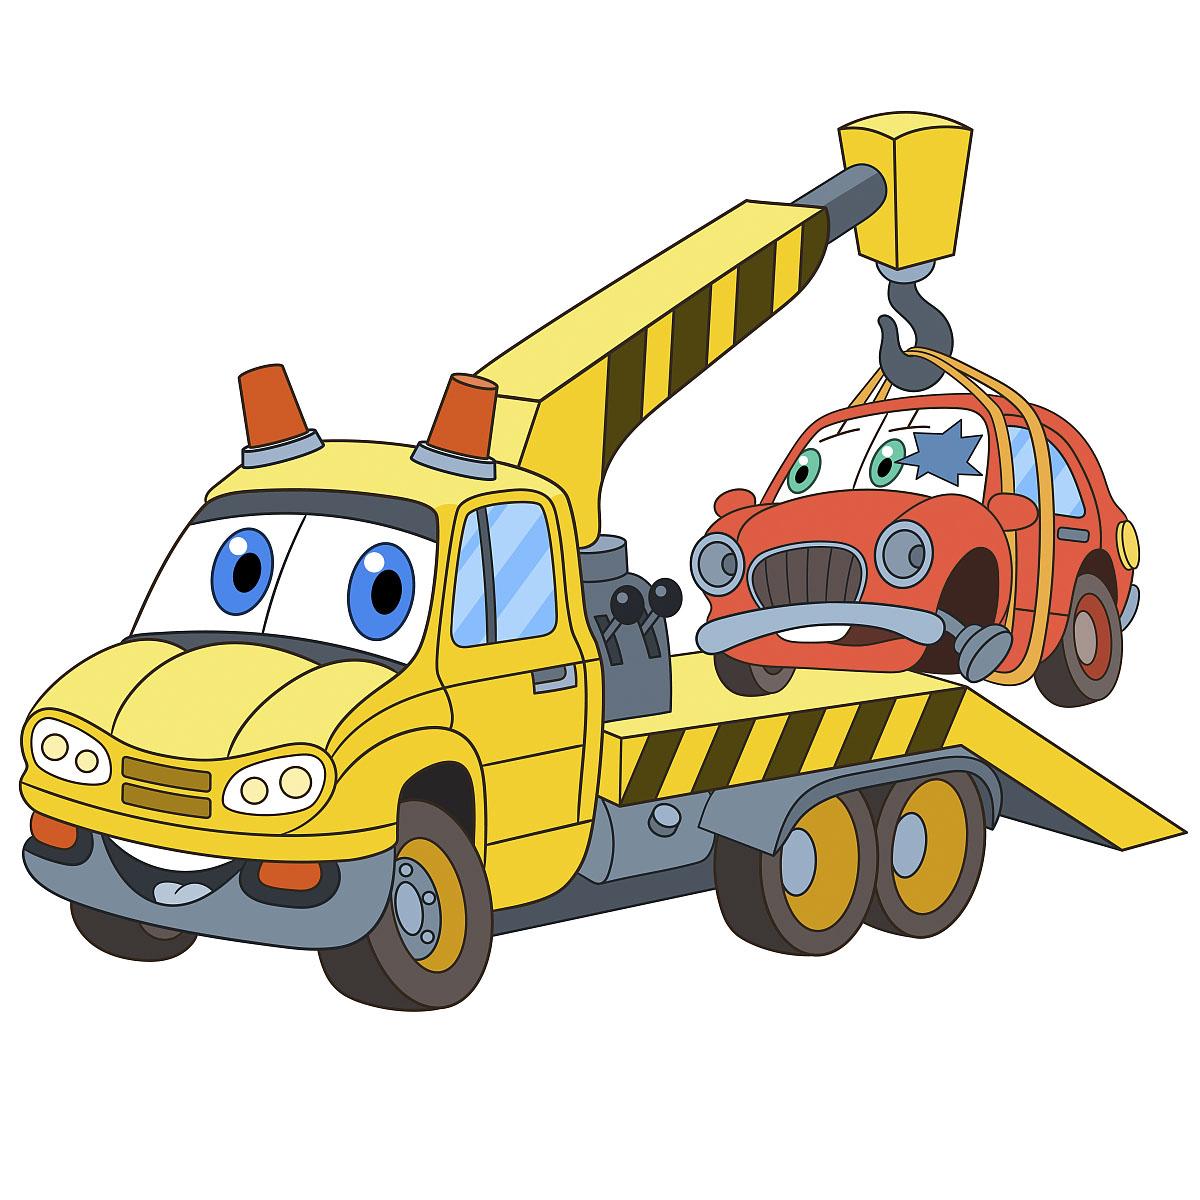 车辆拖拽时的注意事项?